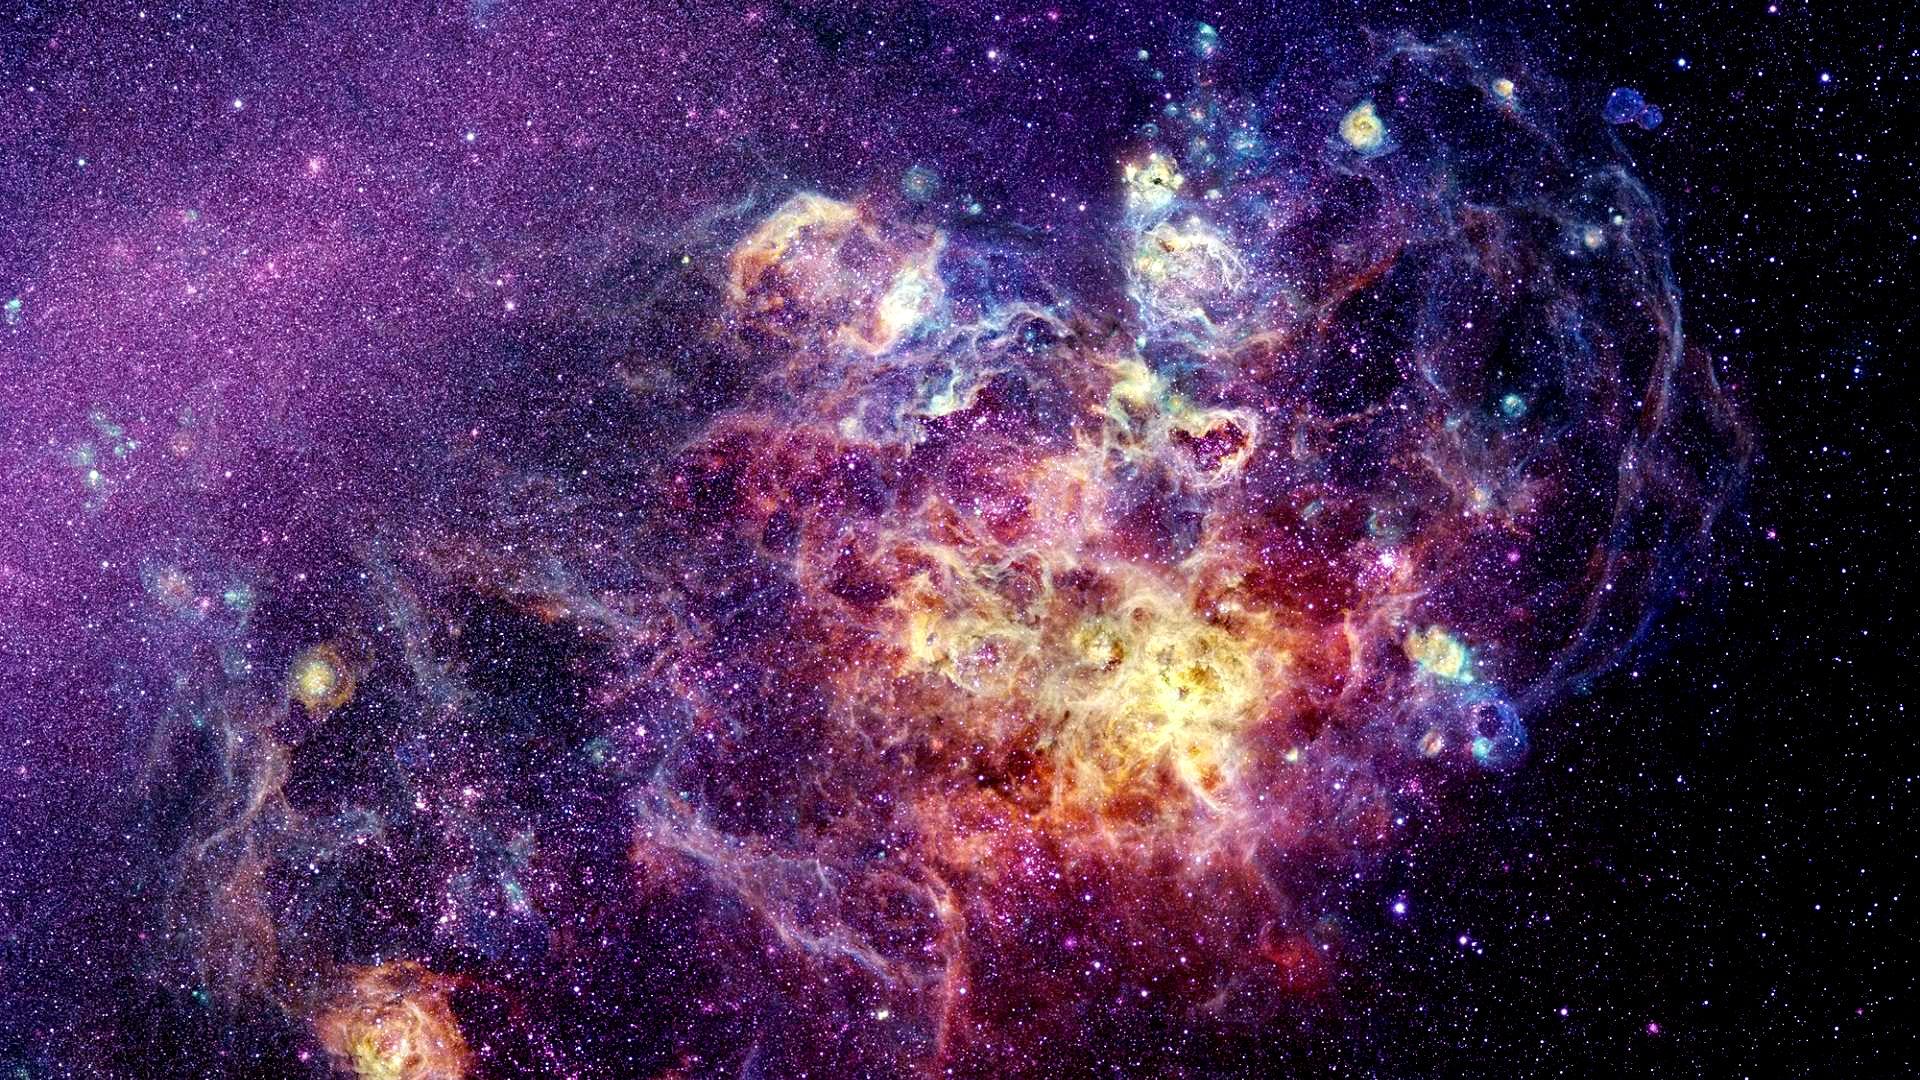 nebula 1920x1080 - photo #30